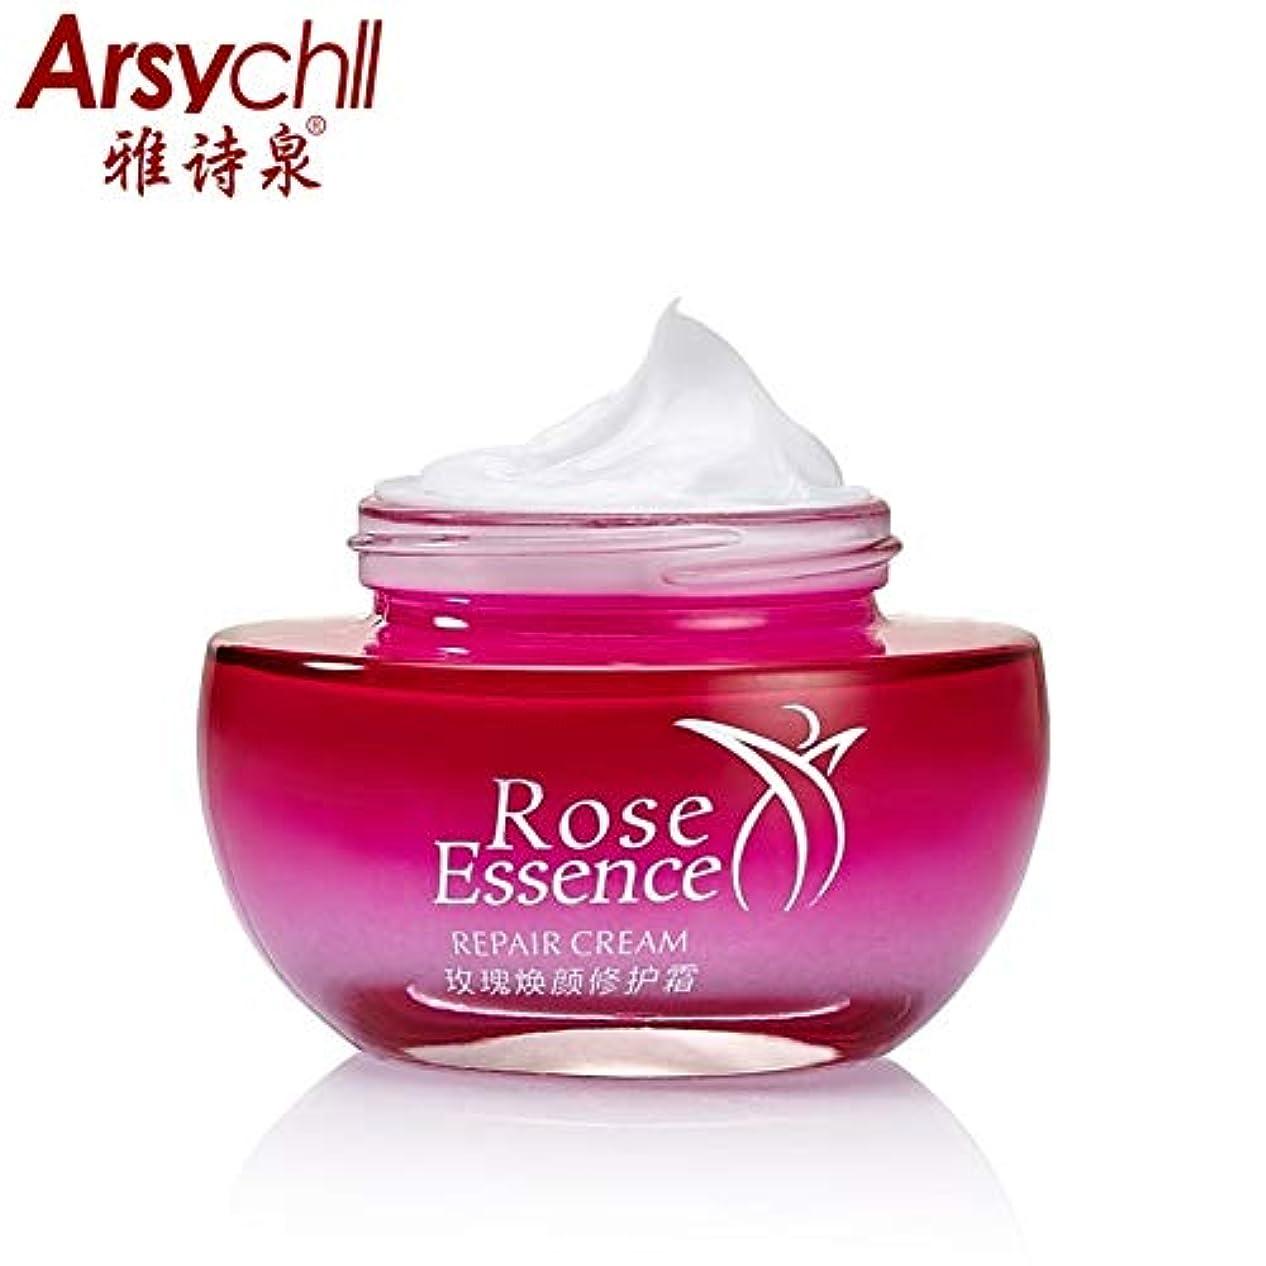 ローズエッセンスエイジレスユースフェイスリフトRIRリンクルクリーム色素沈着の除去シミそばかす除去抗加齢クリーム顔